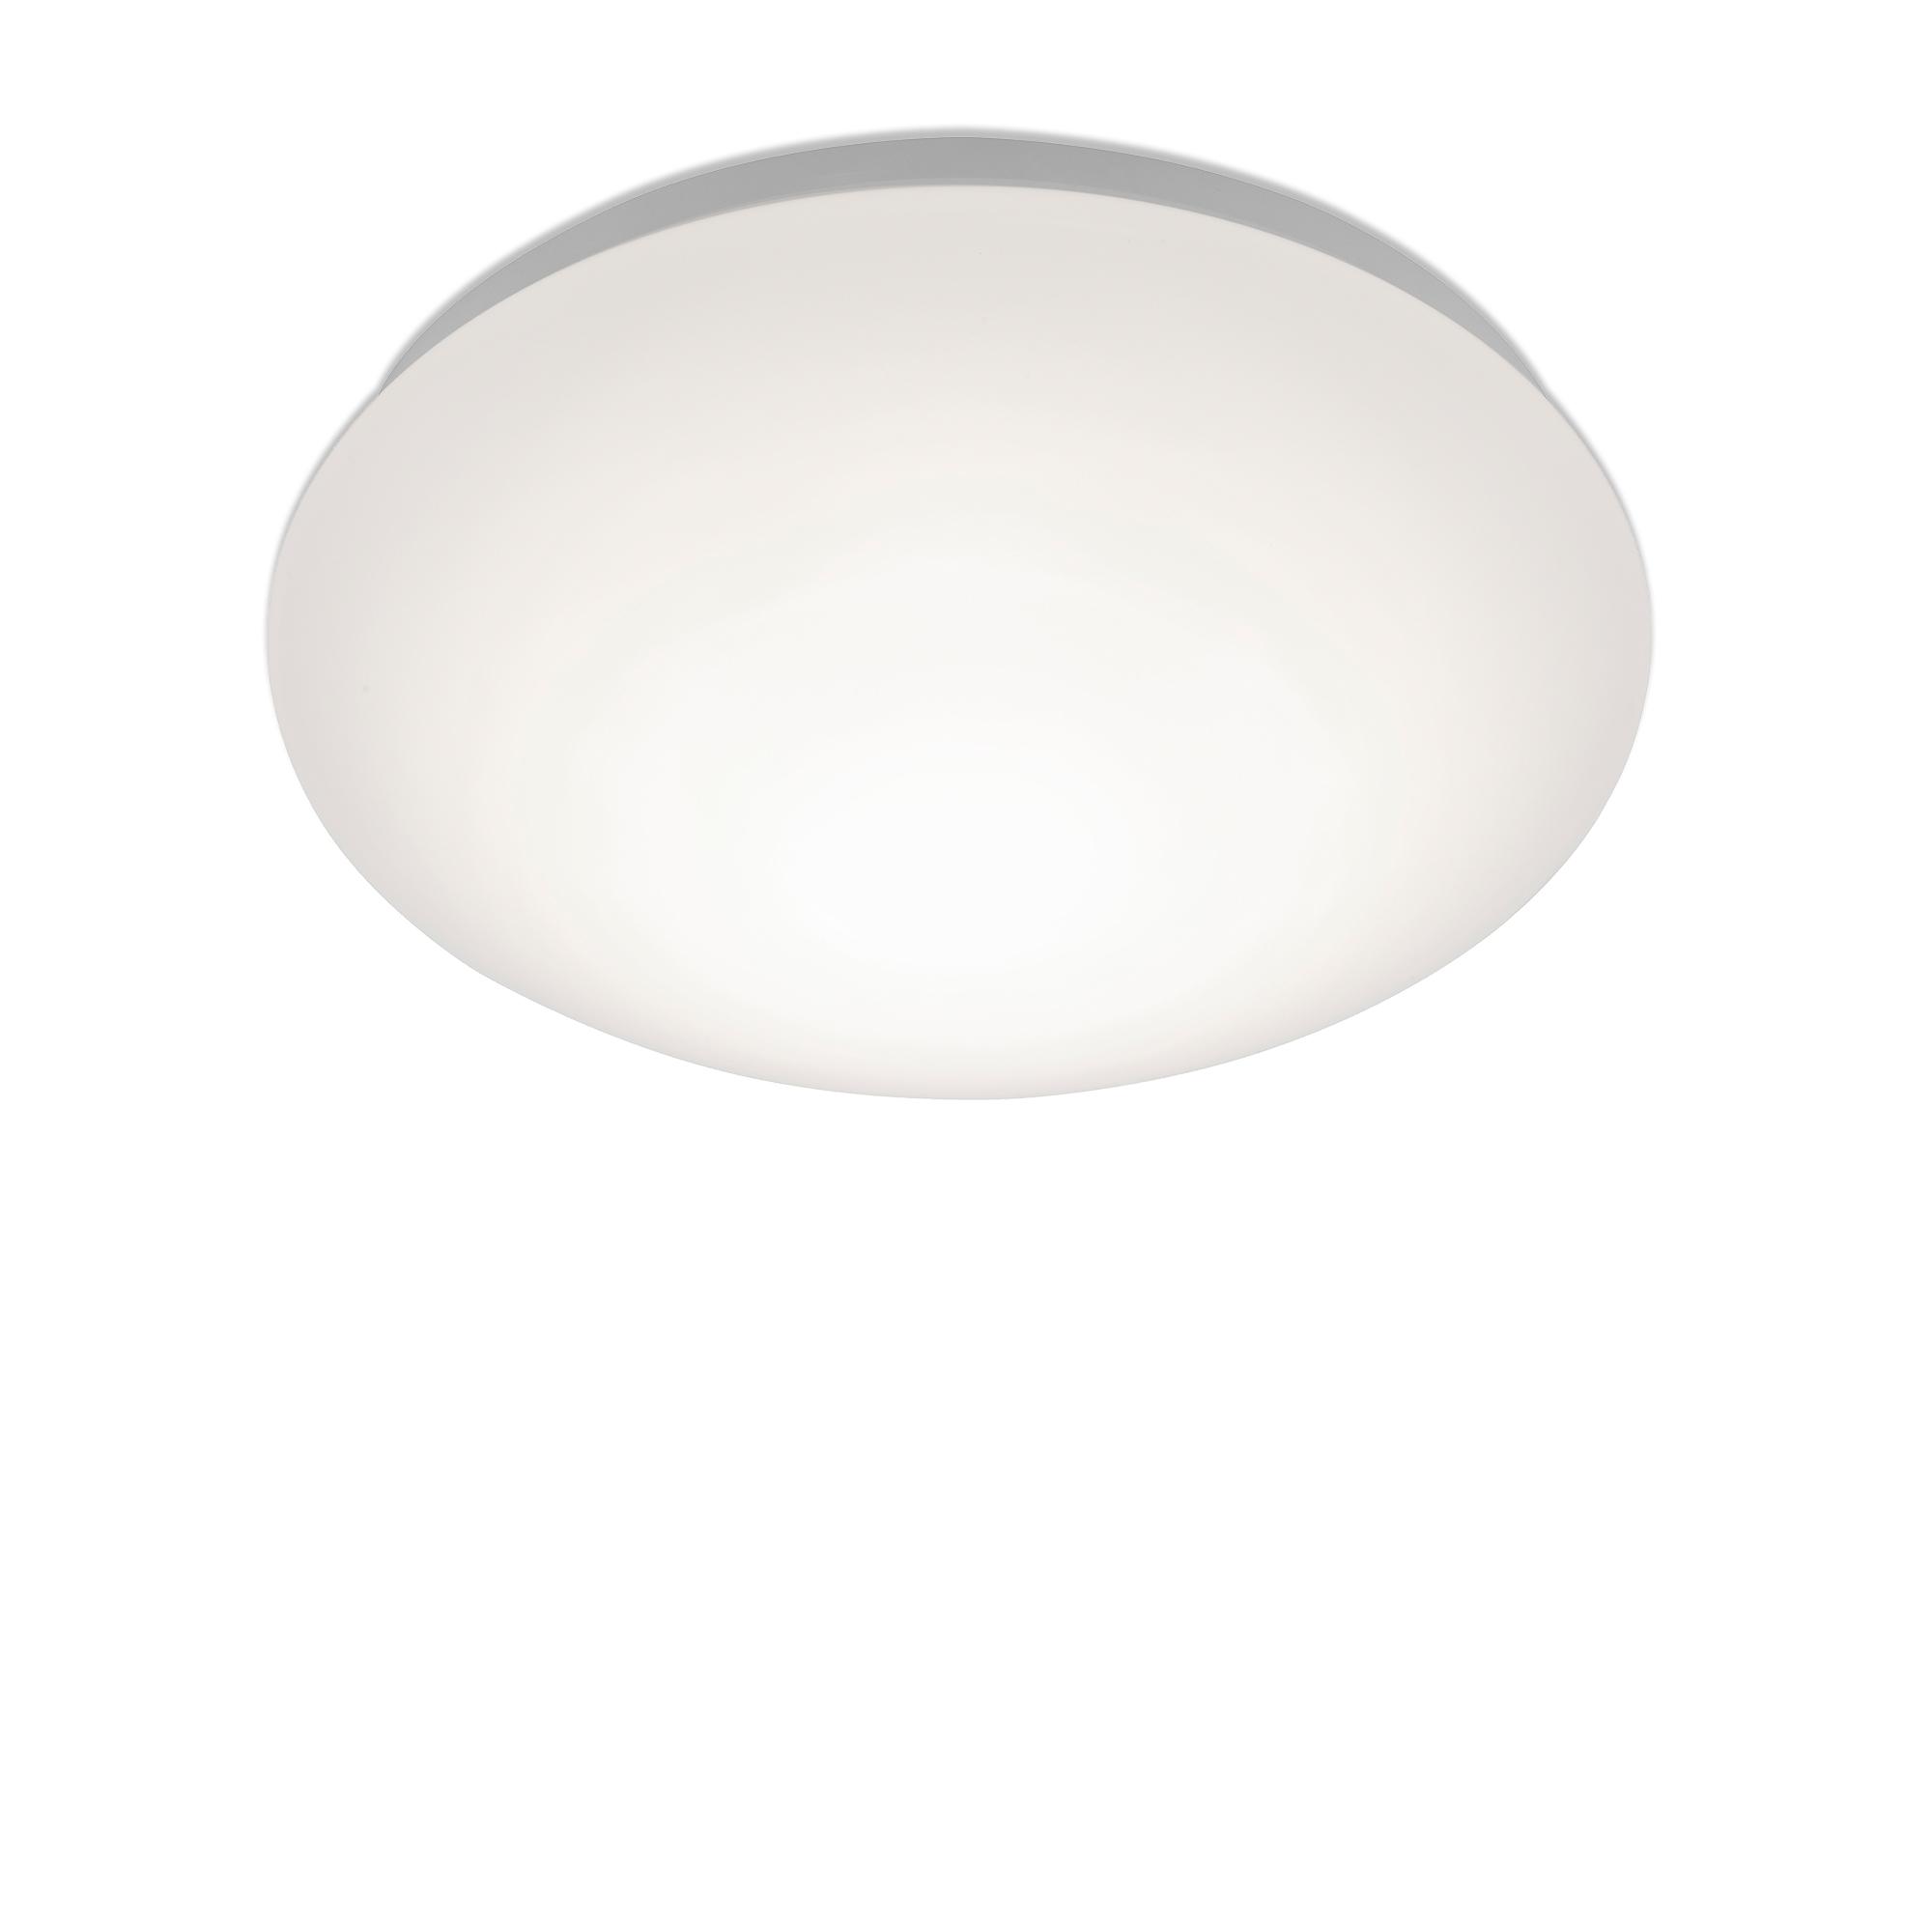 LED Deckenleuchte, Ø 28 cm, 12 W, Weiss